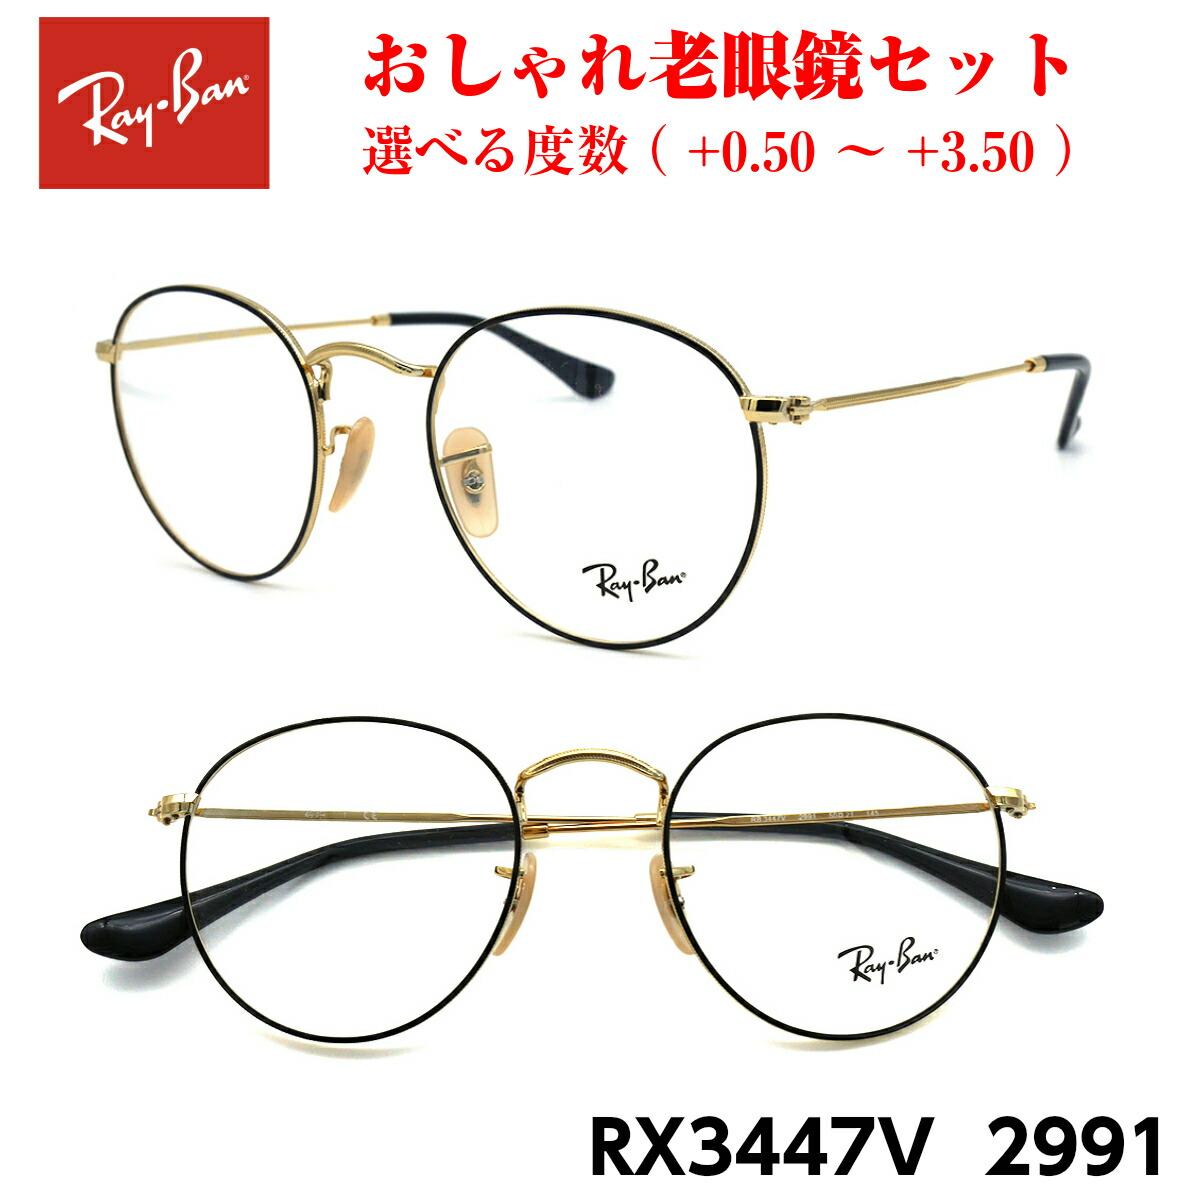 母の日 父の日 おしゃれ 老眼鏡 メンズ レディース 男性用 女性用 RayBan レイバン RX3447V (RB3447V) 2991 レトロ ラウンド 丸眼鏡 まる めがね 眼鏡 度付き 紫外線 UVカット ブルーライトカット メガネ プレゼント ギフト